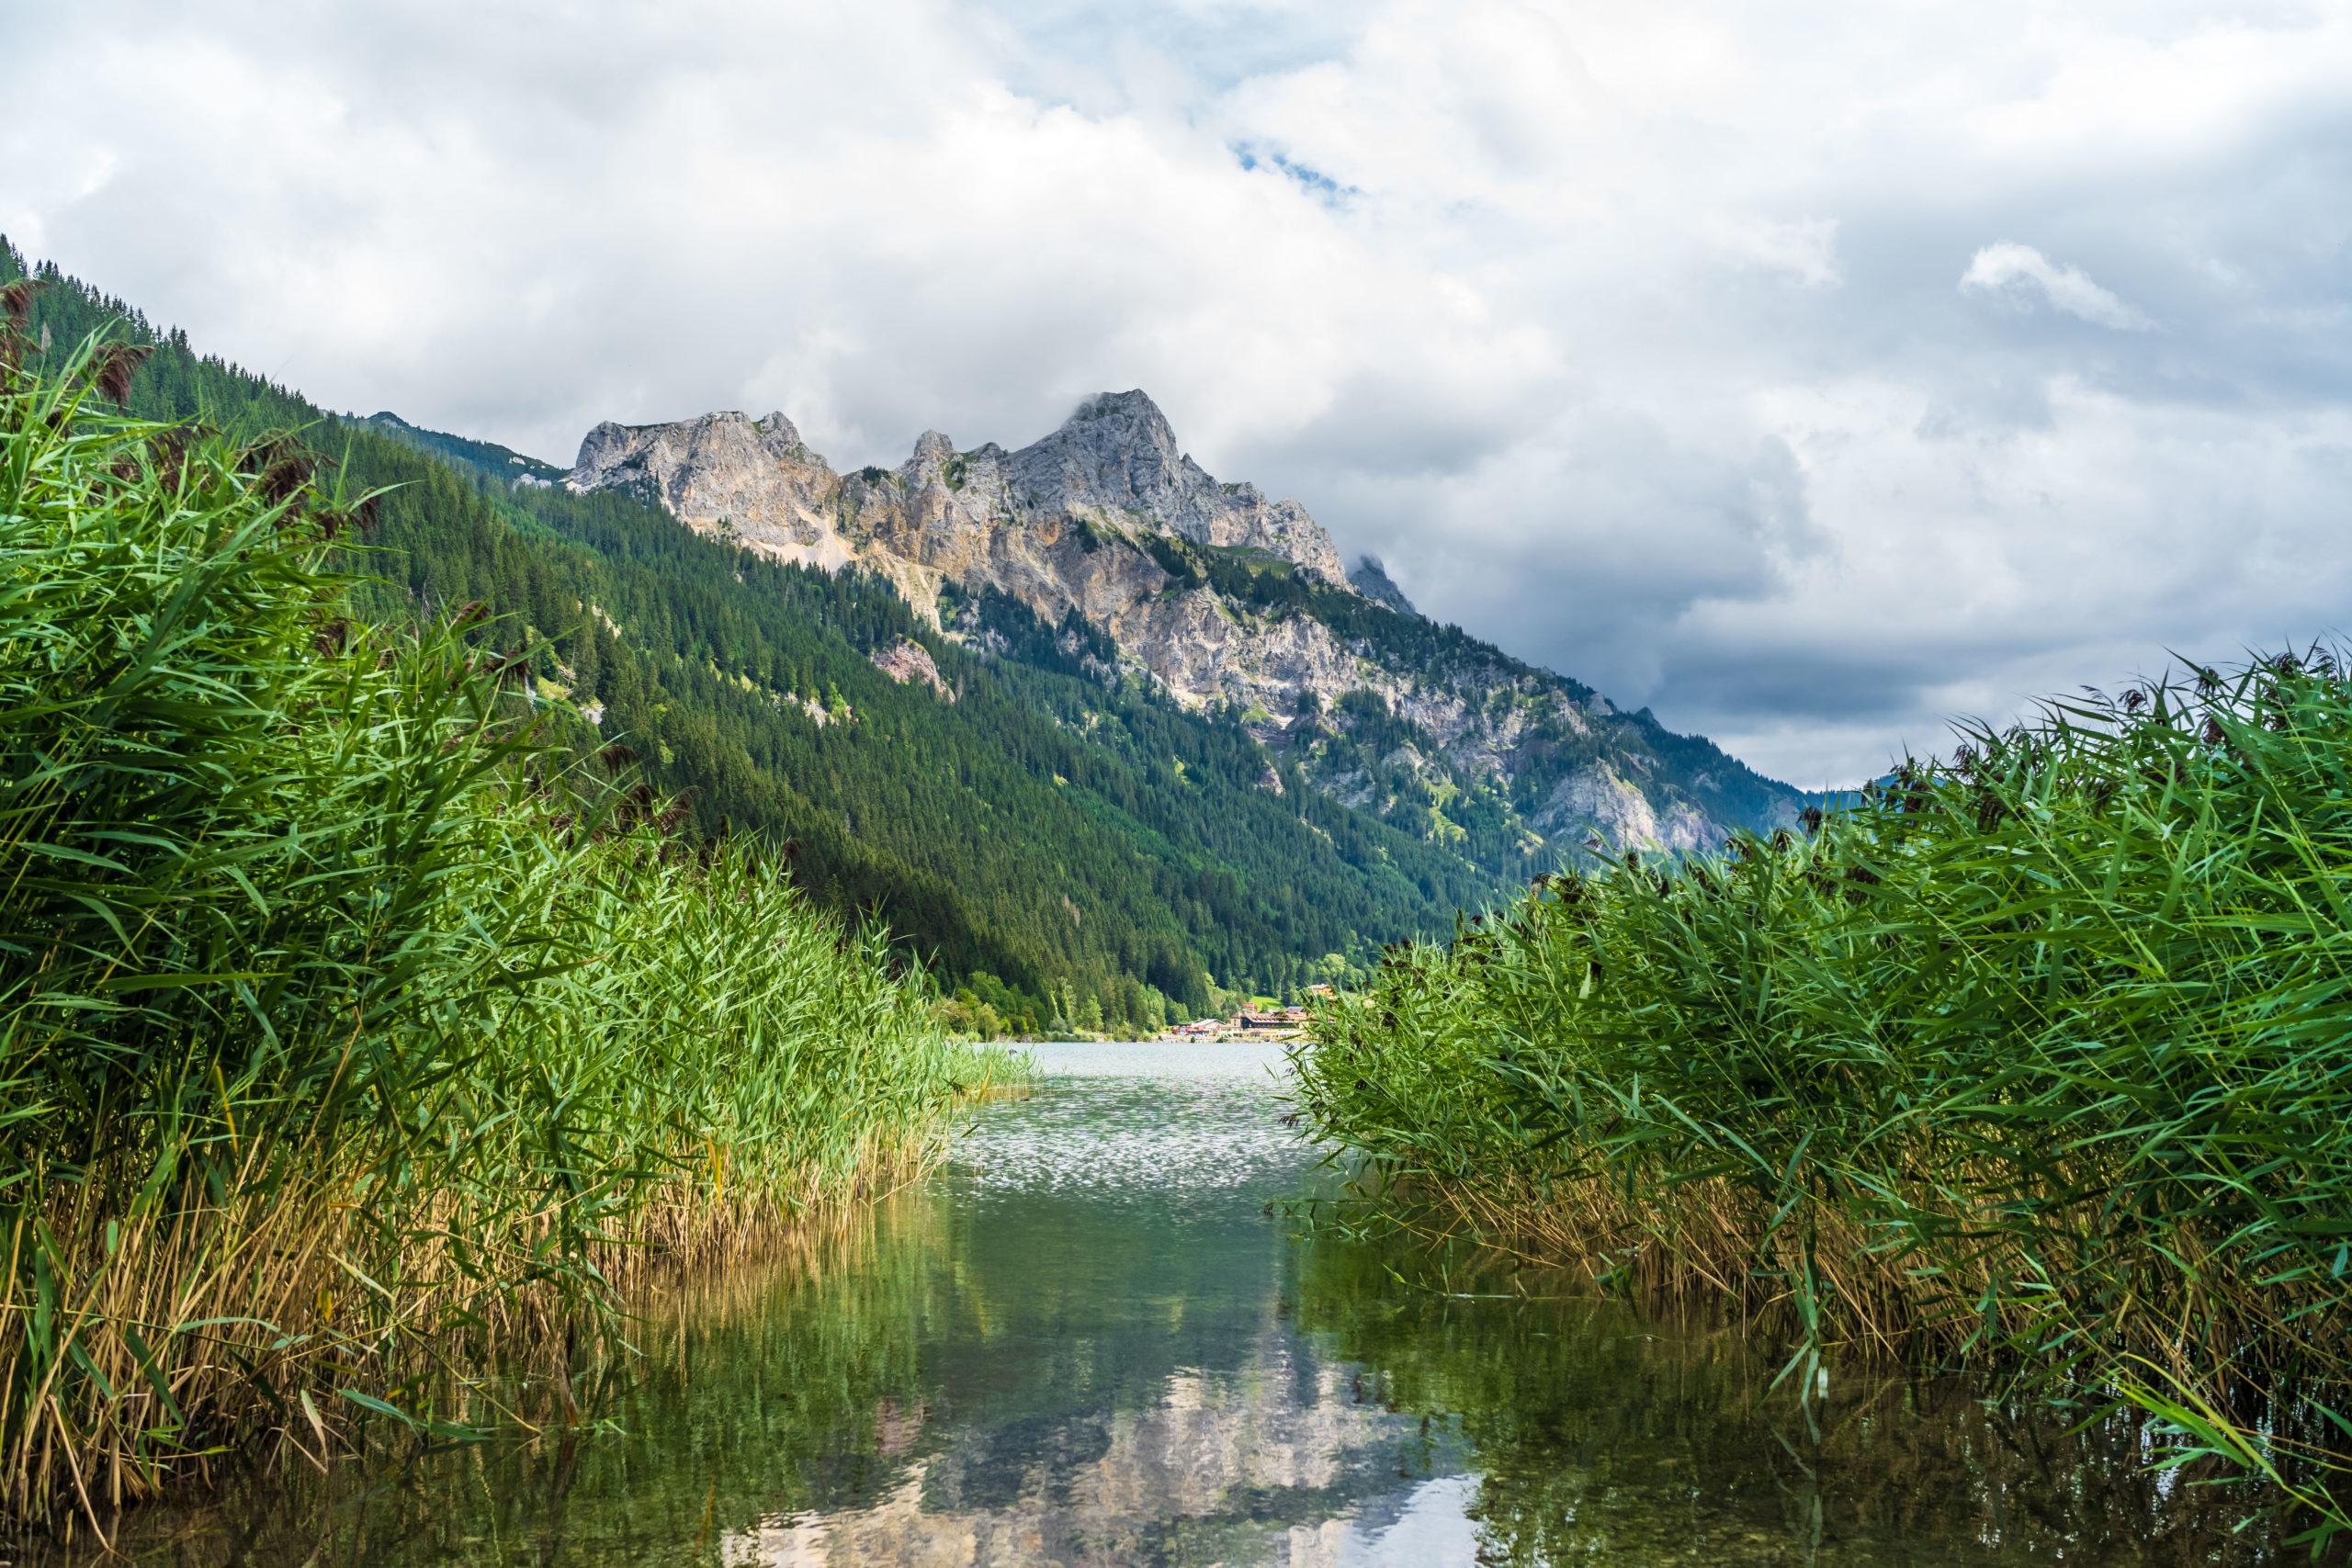 Tirol, Tannheimer Tal, Haller, Haldensee